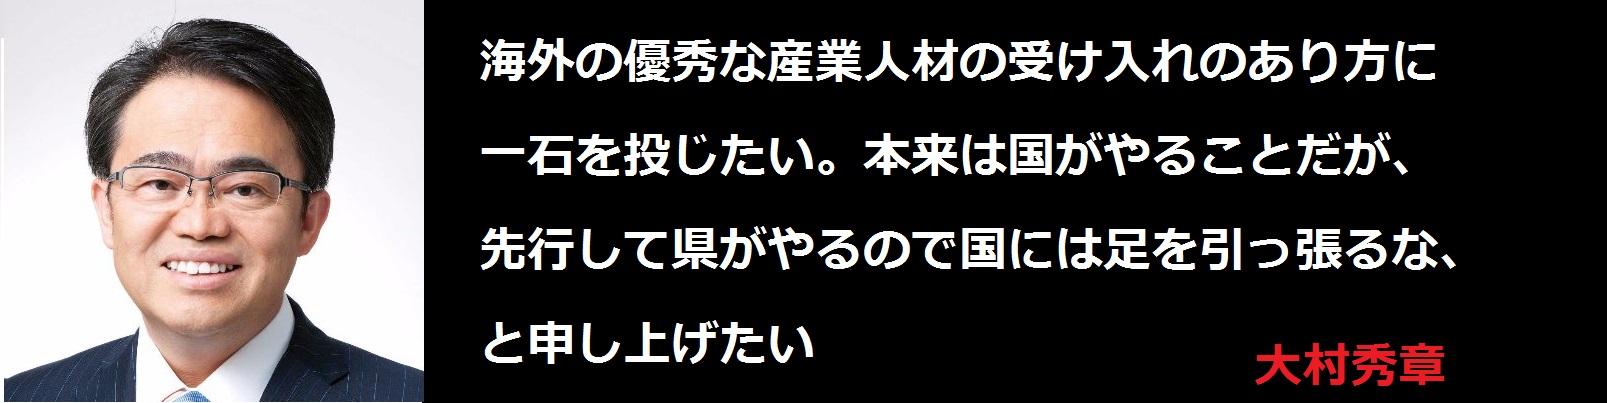 f:id:JAPbuster:20170219003158j:plain